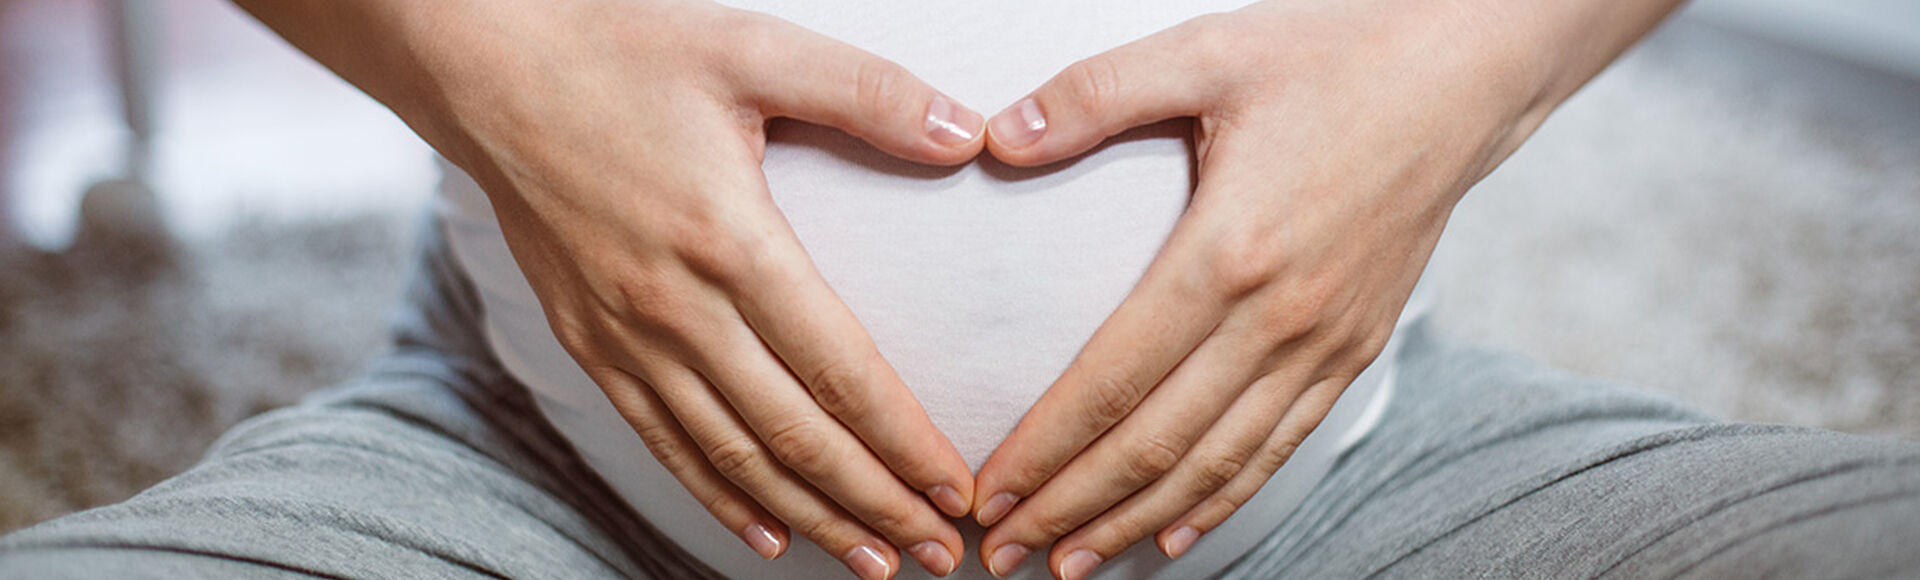 Aumento do sangramento vaginal durante a gravidez